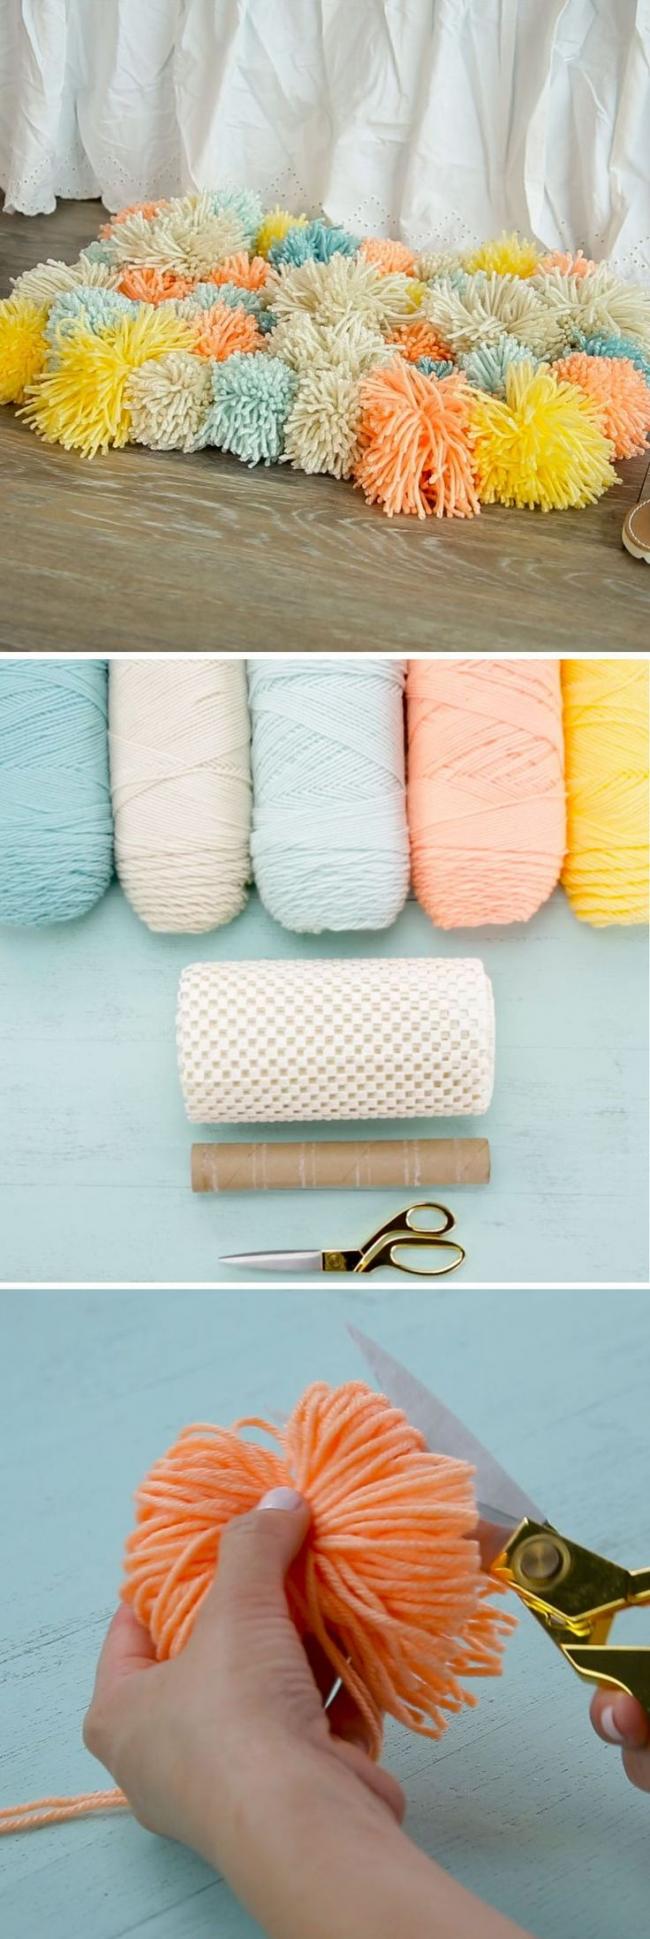 Une petite classe de maître sur la fabrication rapide et très pratique de pompons, à partir de laquelle vous pouvez également faire un tapis insolite